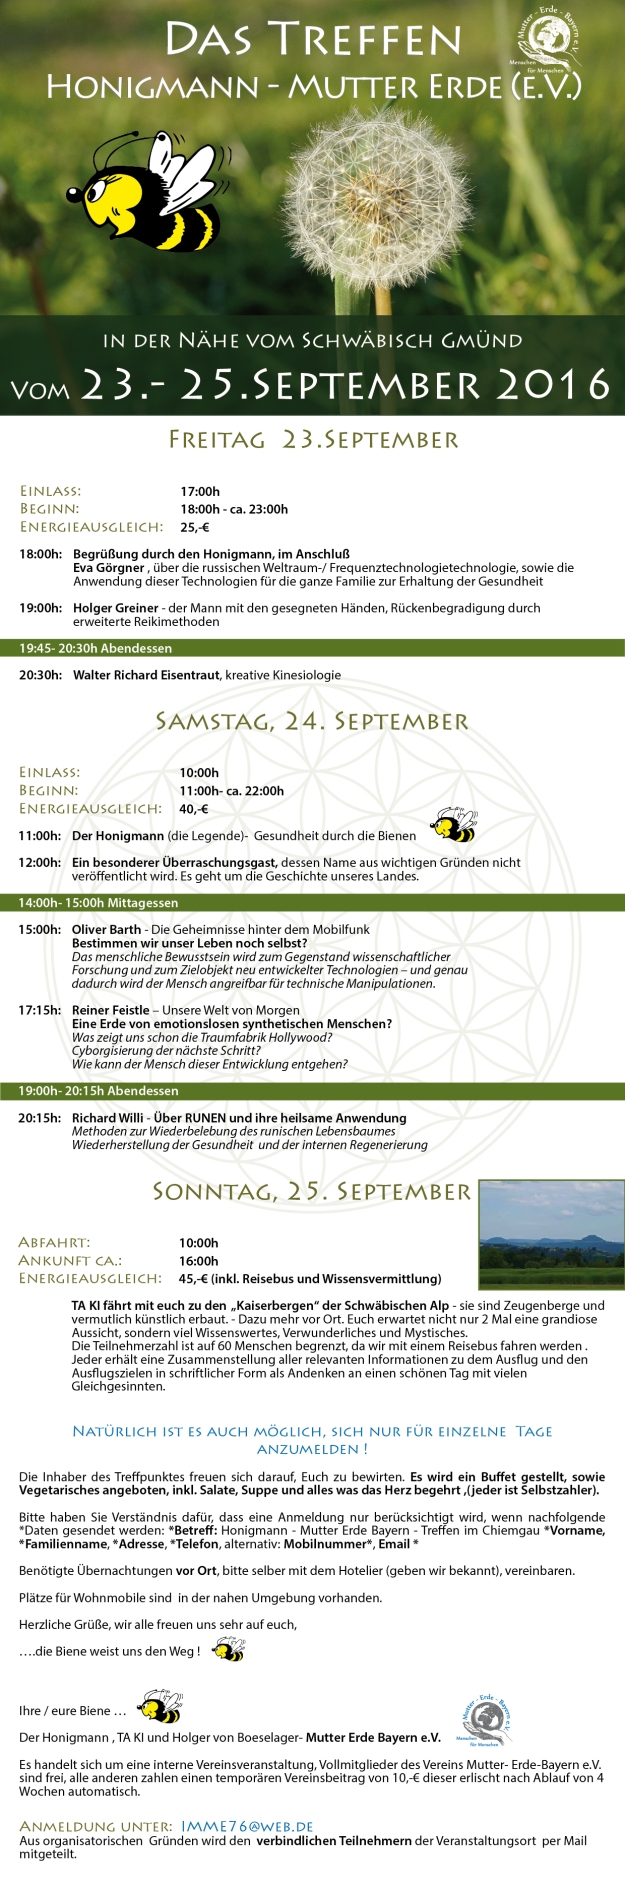 Honigmann Mutter Erde Schwäbisch Gmündersberg 2016-05